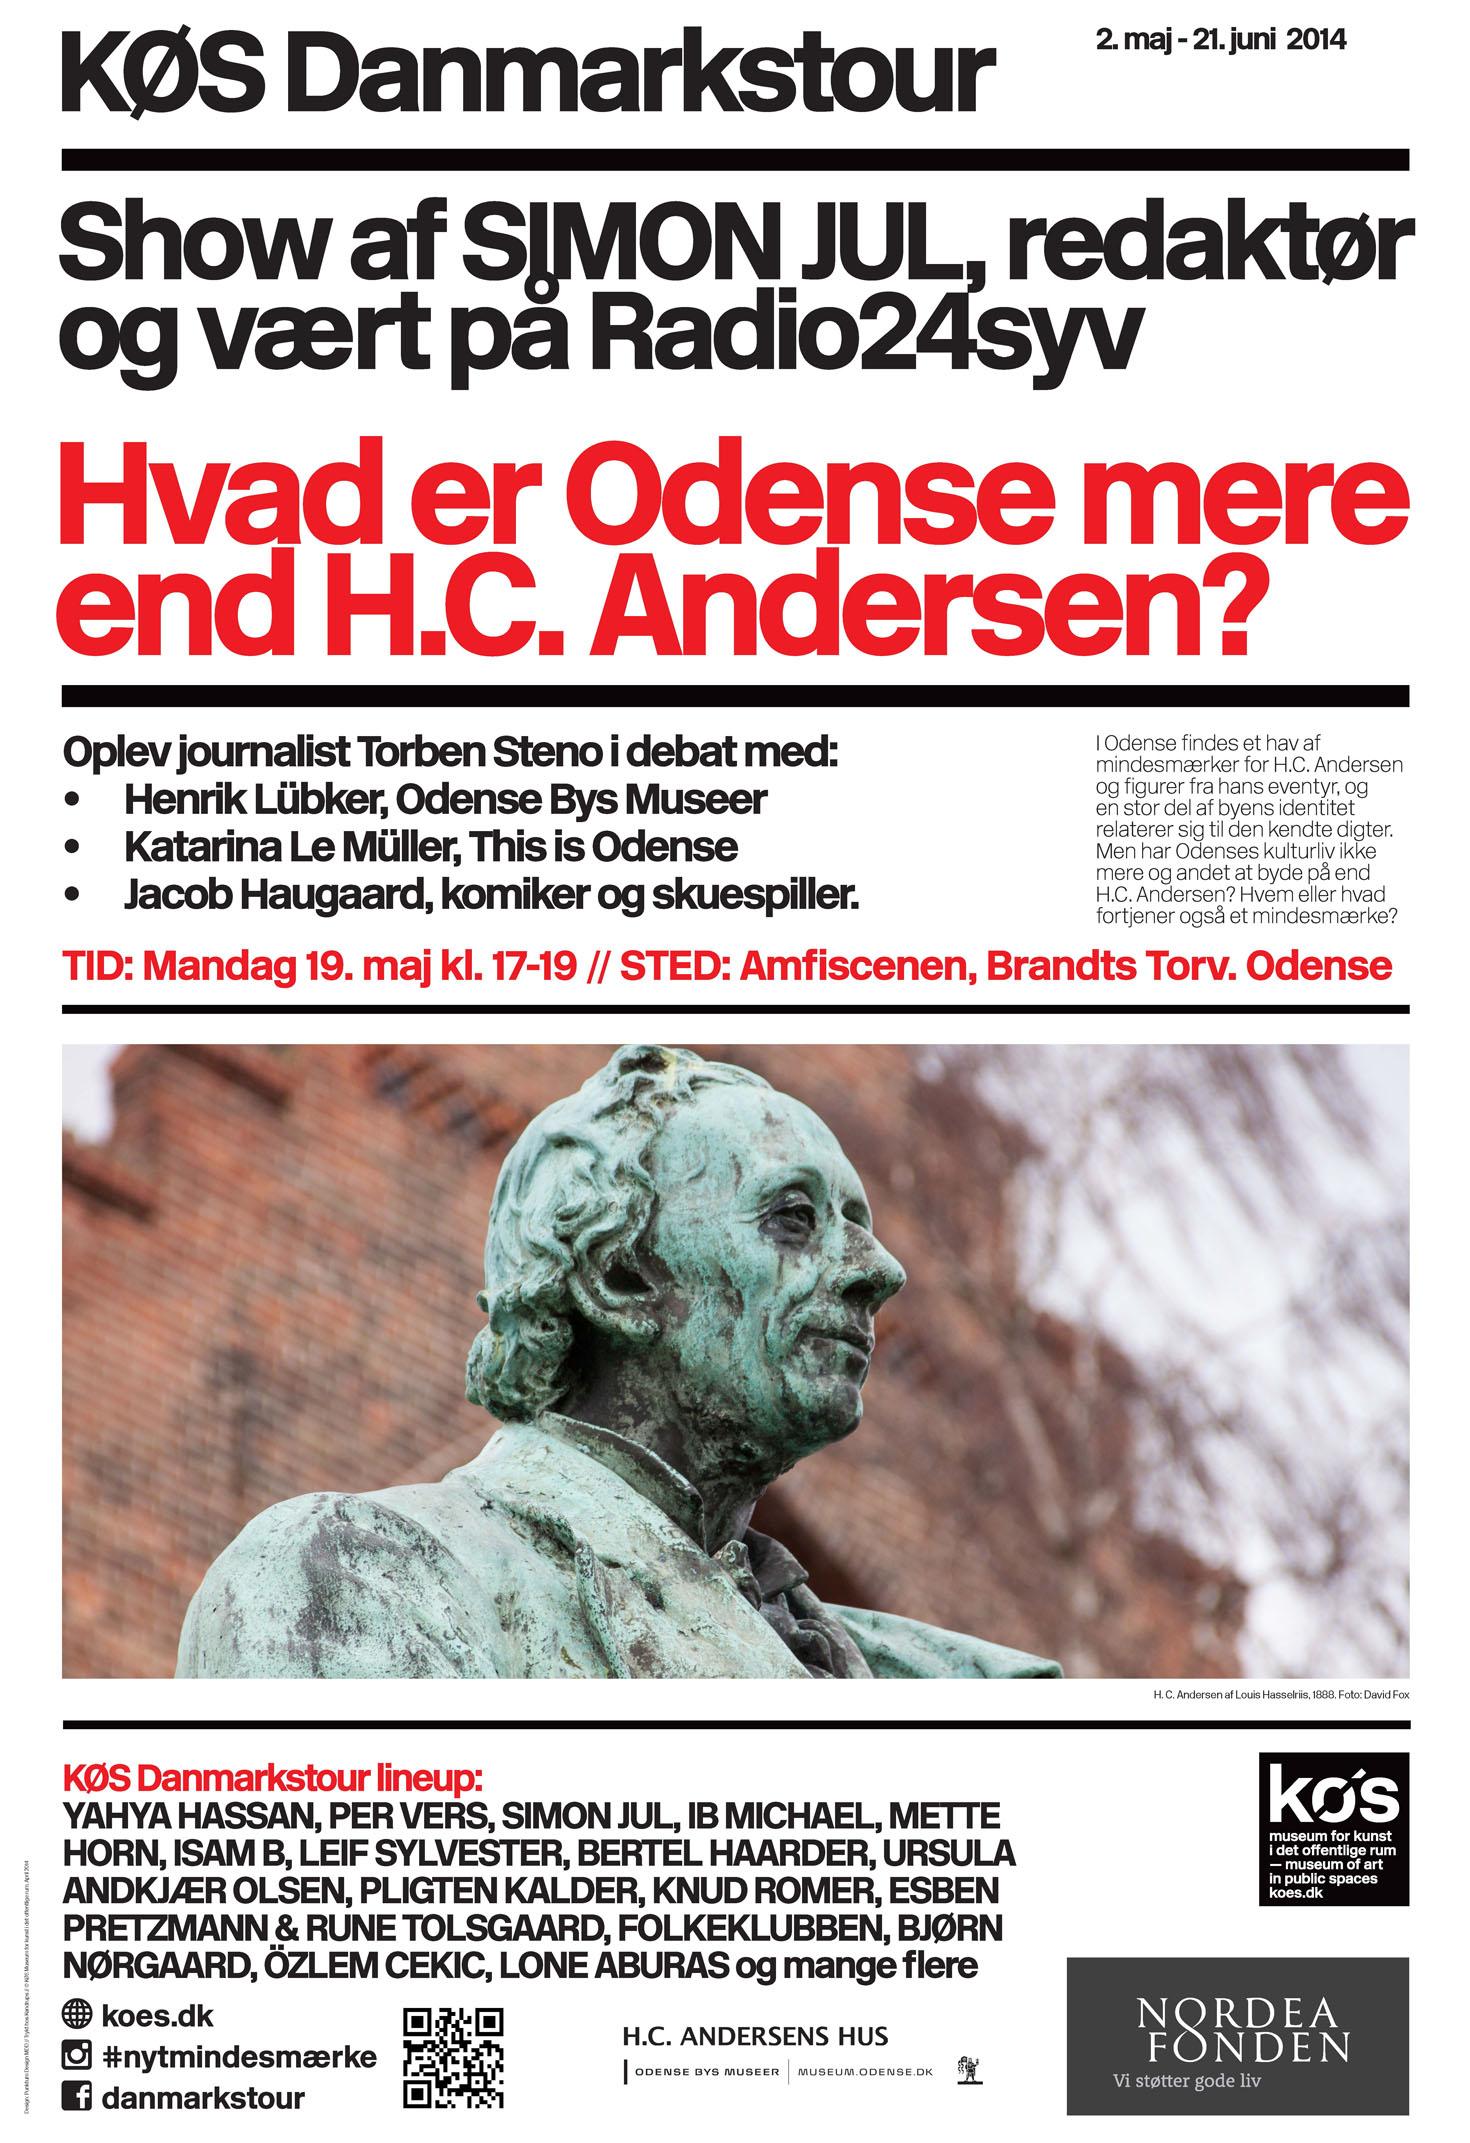 Plakat: Hvad er Odense mere end H.C. Andersen?